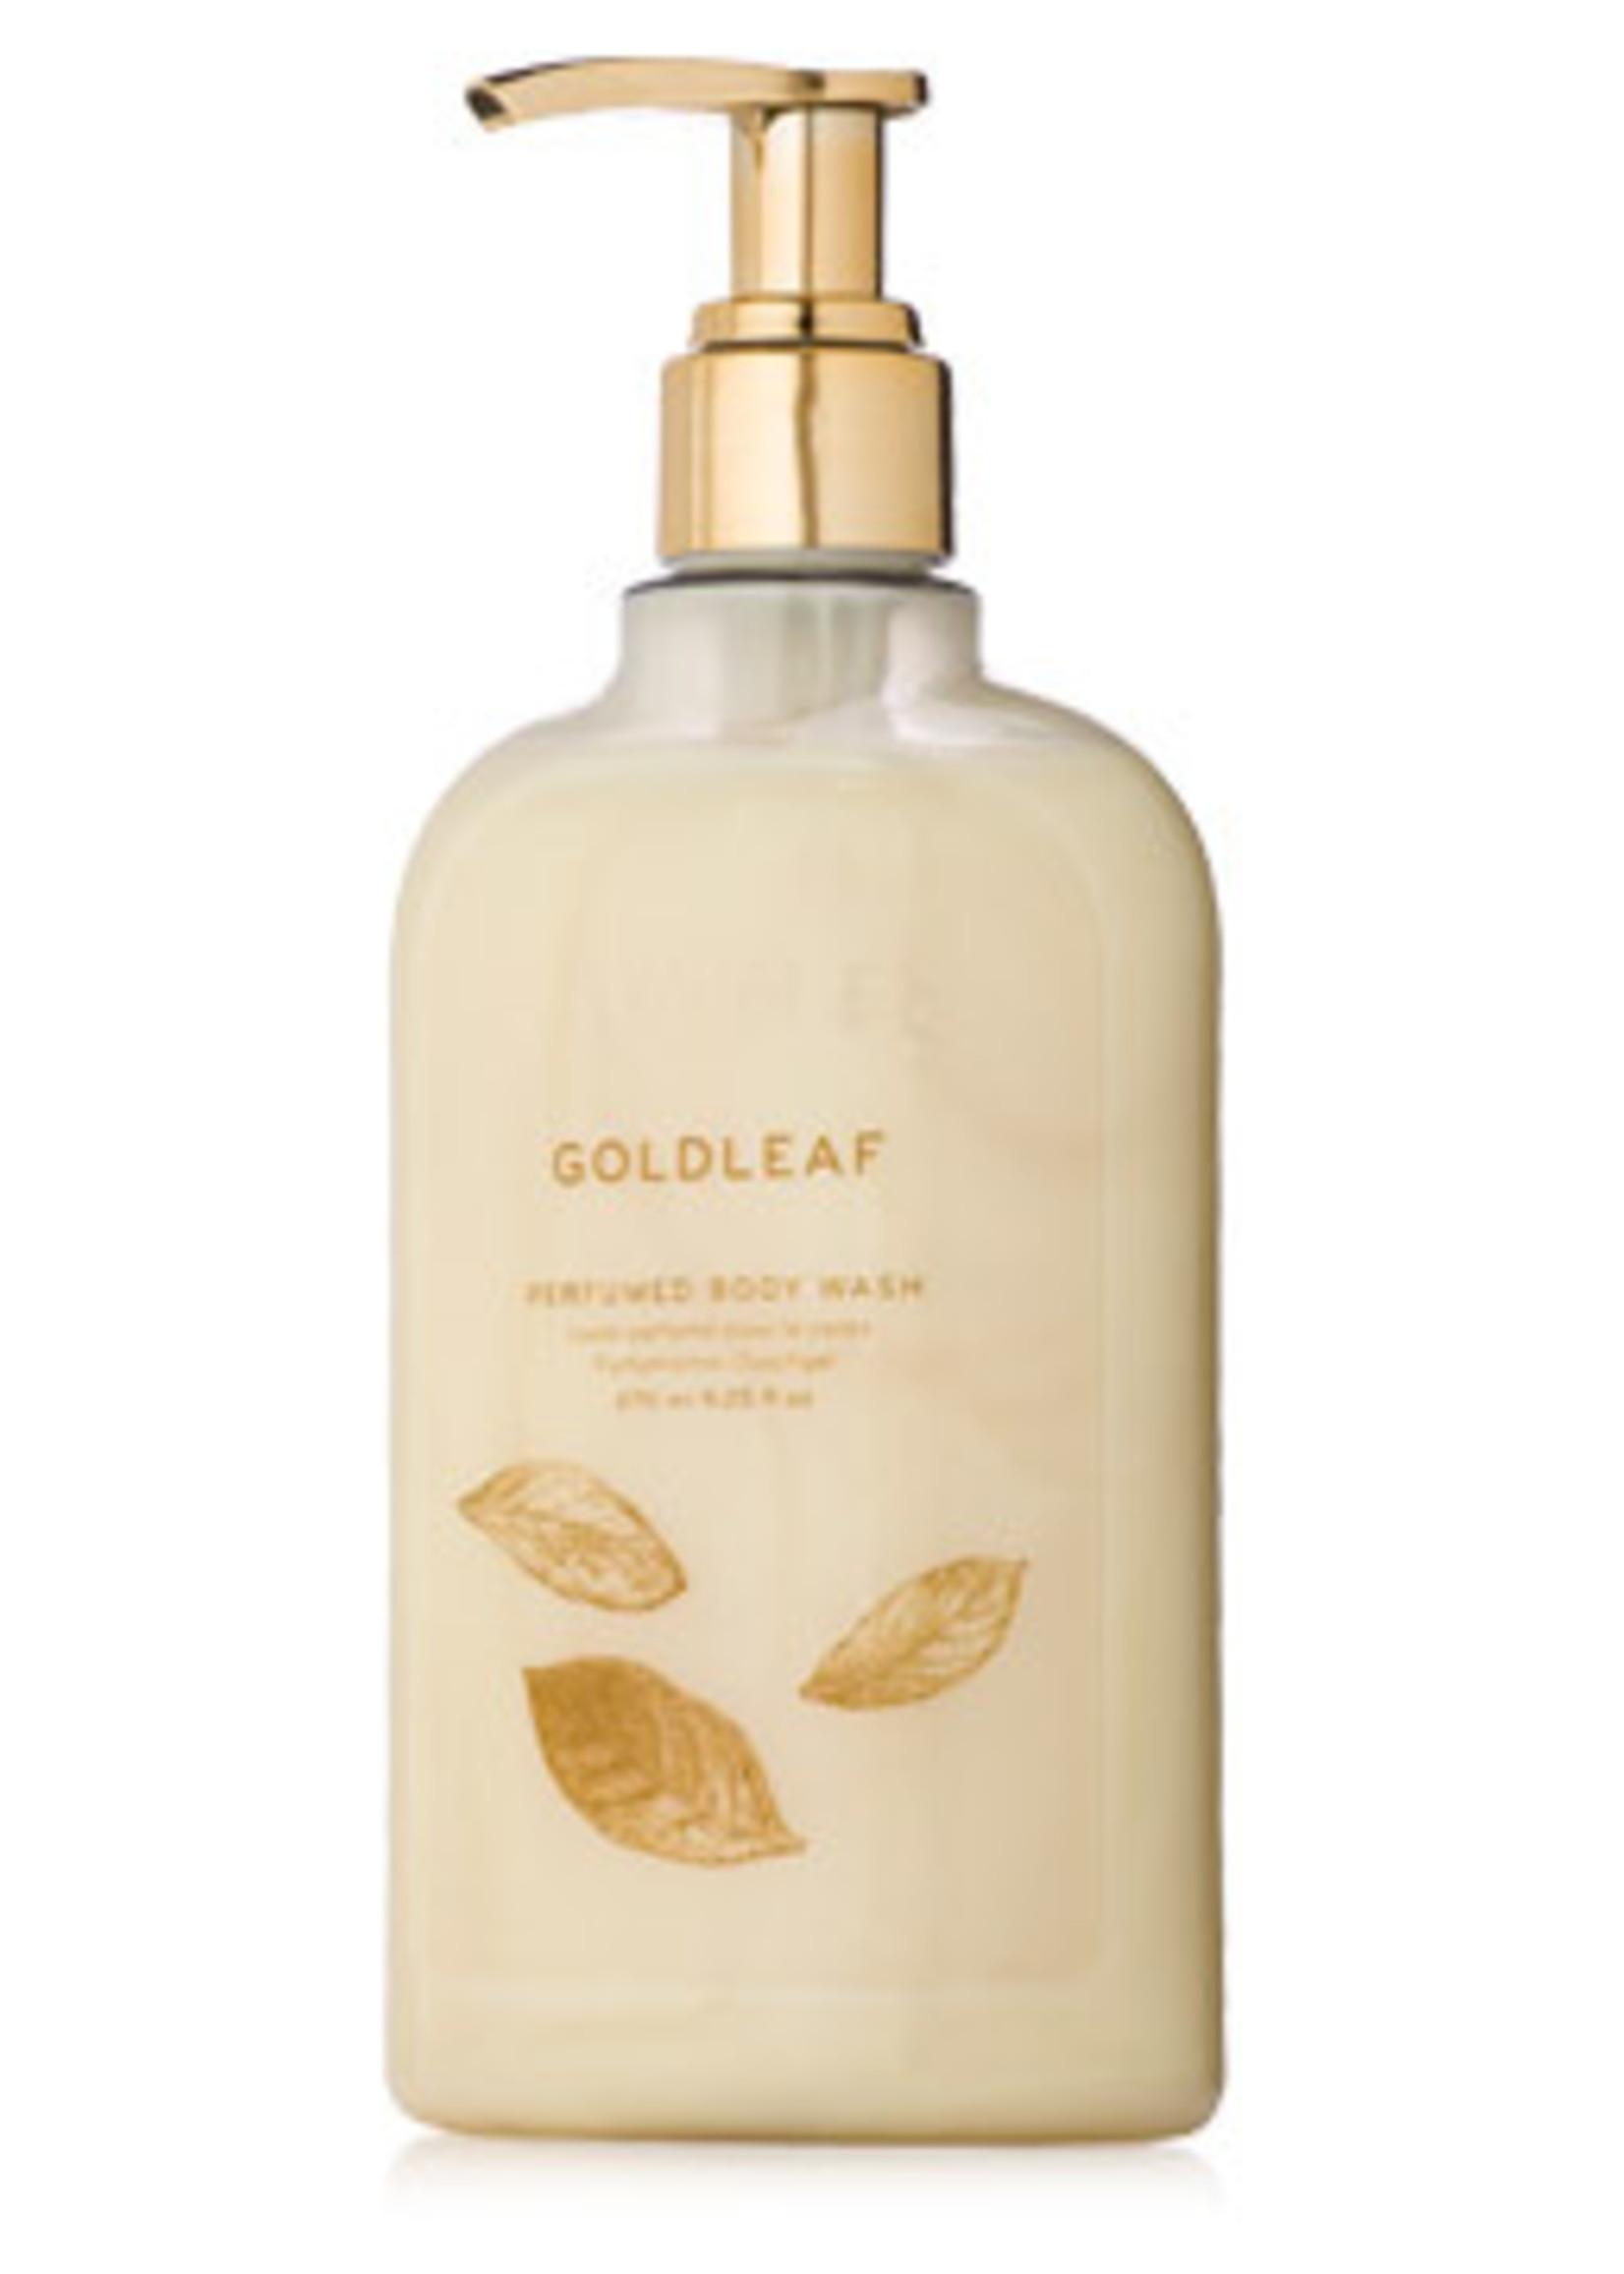 Thymes Goldleaf Body Wash